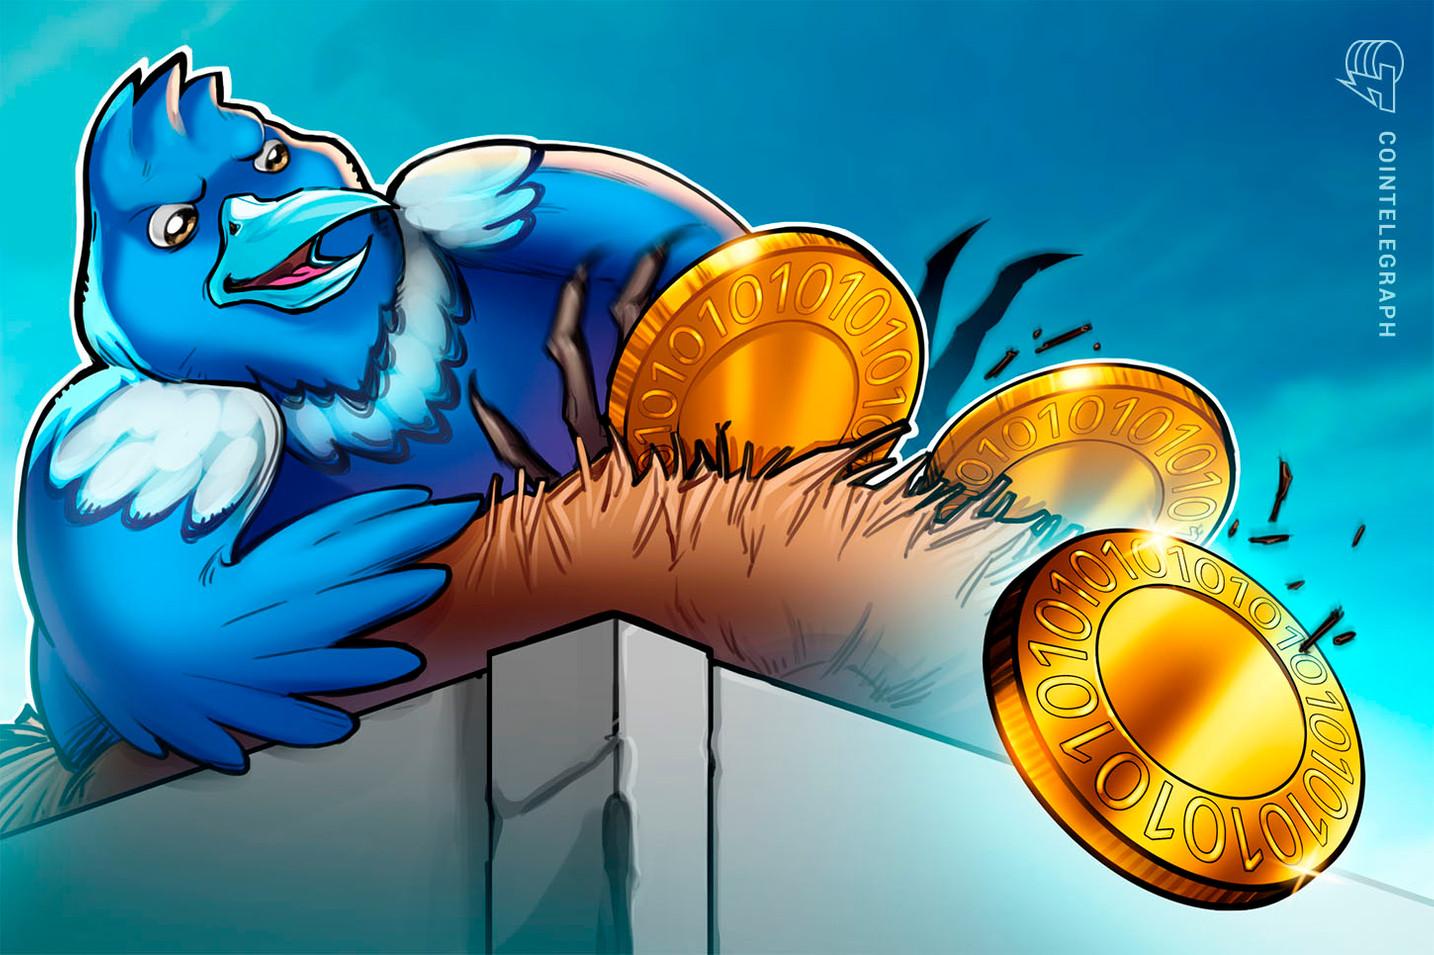 ツイッターで仮想通貨の無料配布をうたう詐欺アカ、1万5000個